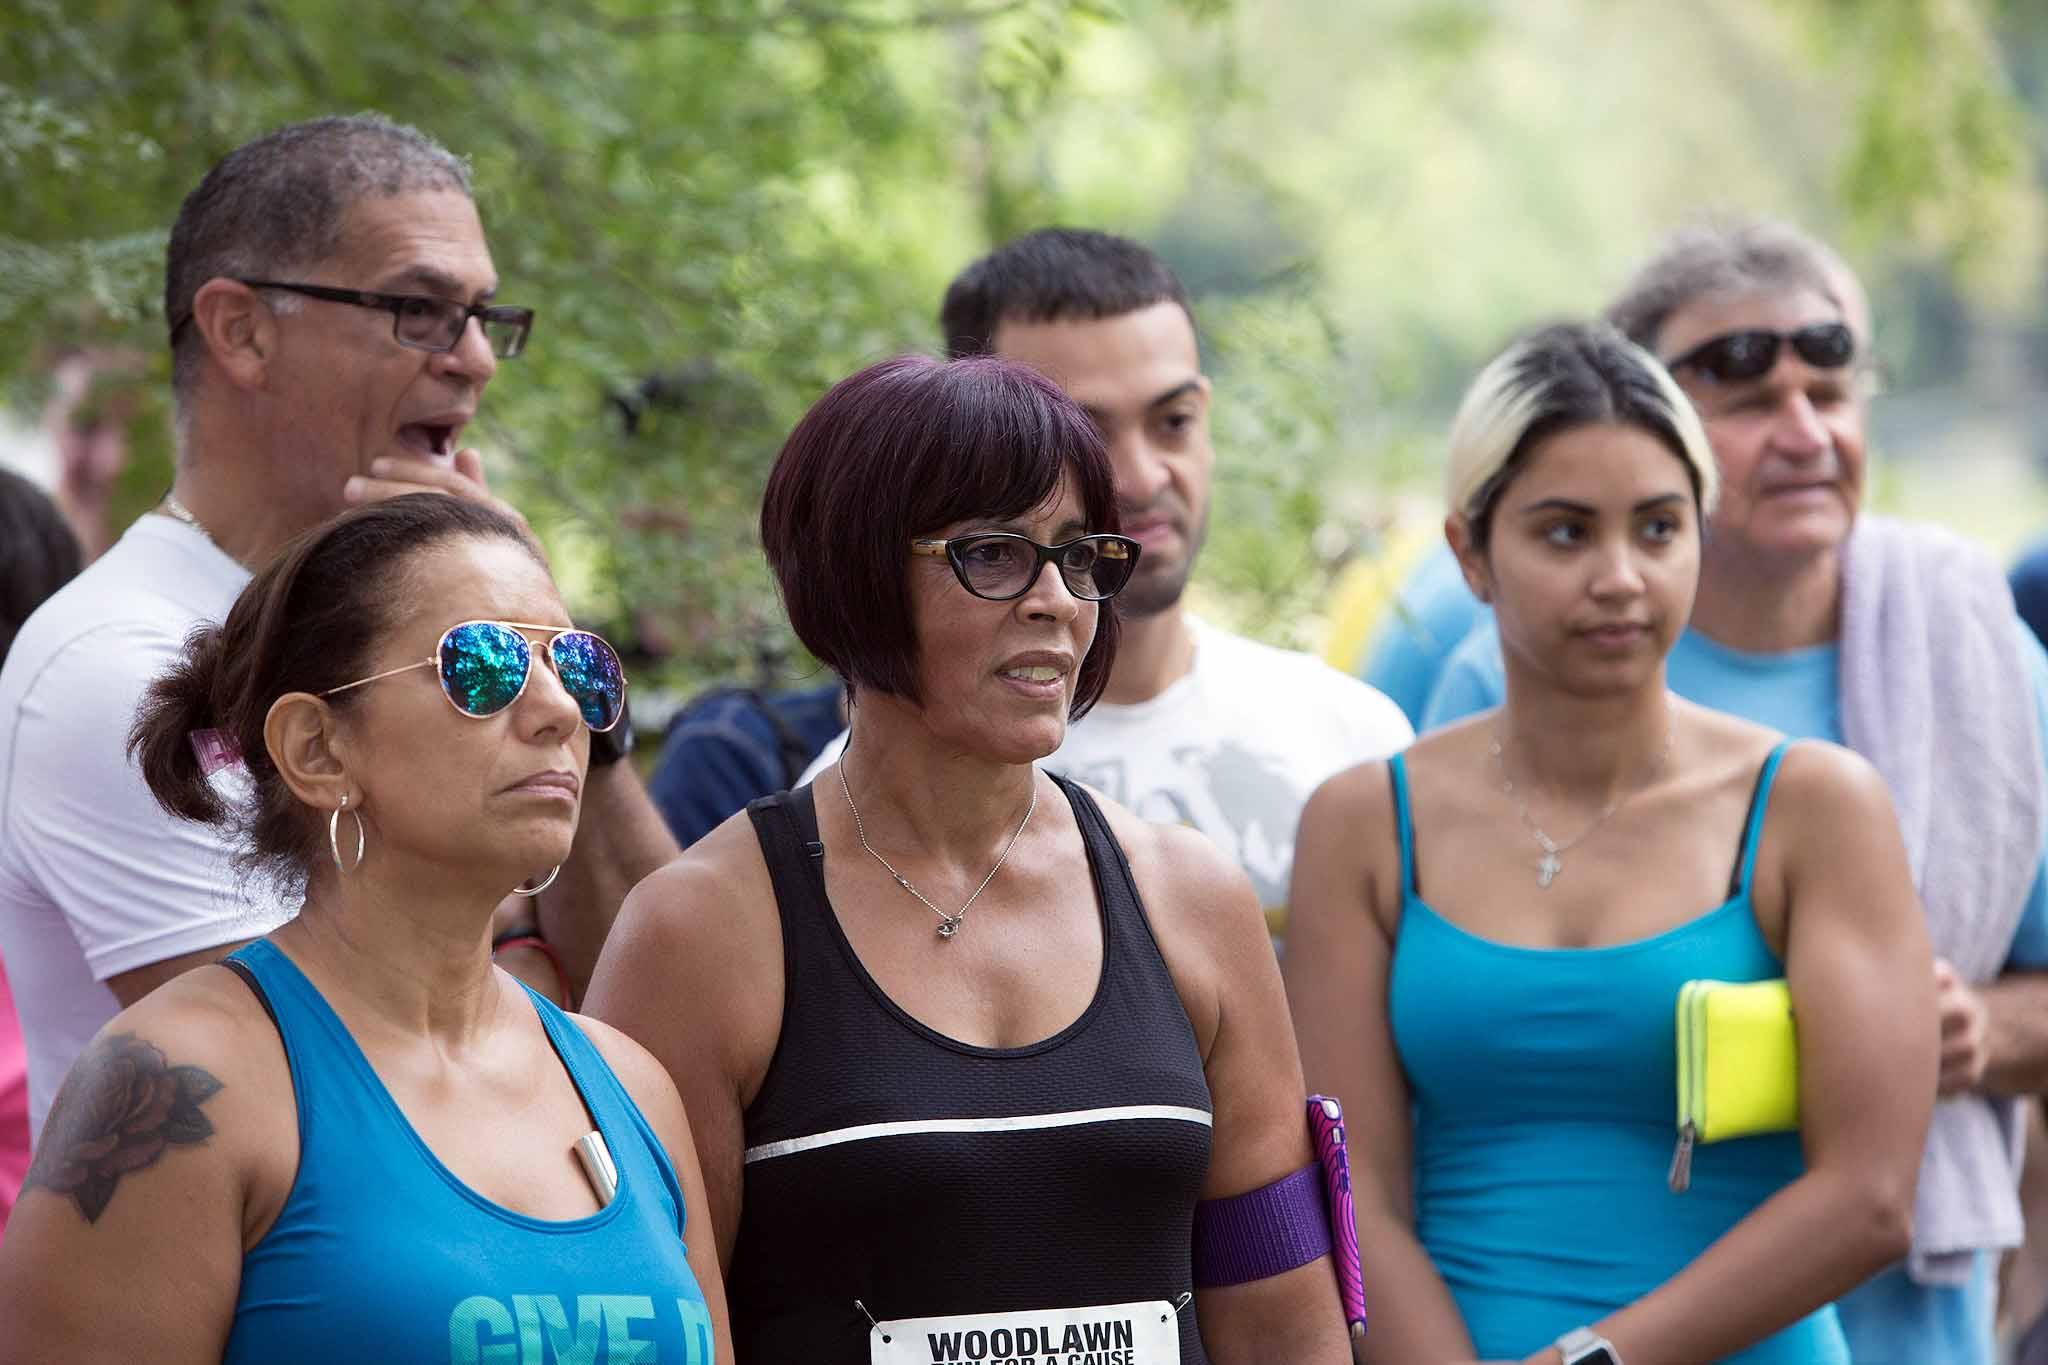 222-Woodlawn Run for a Cause-637.jpg